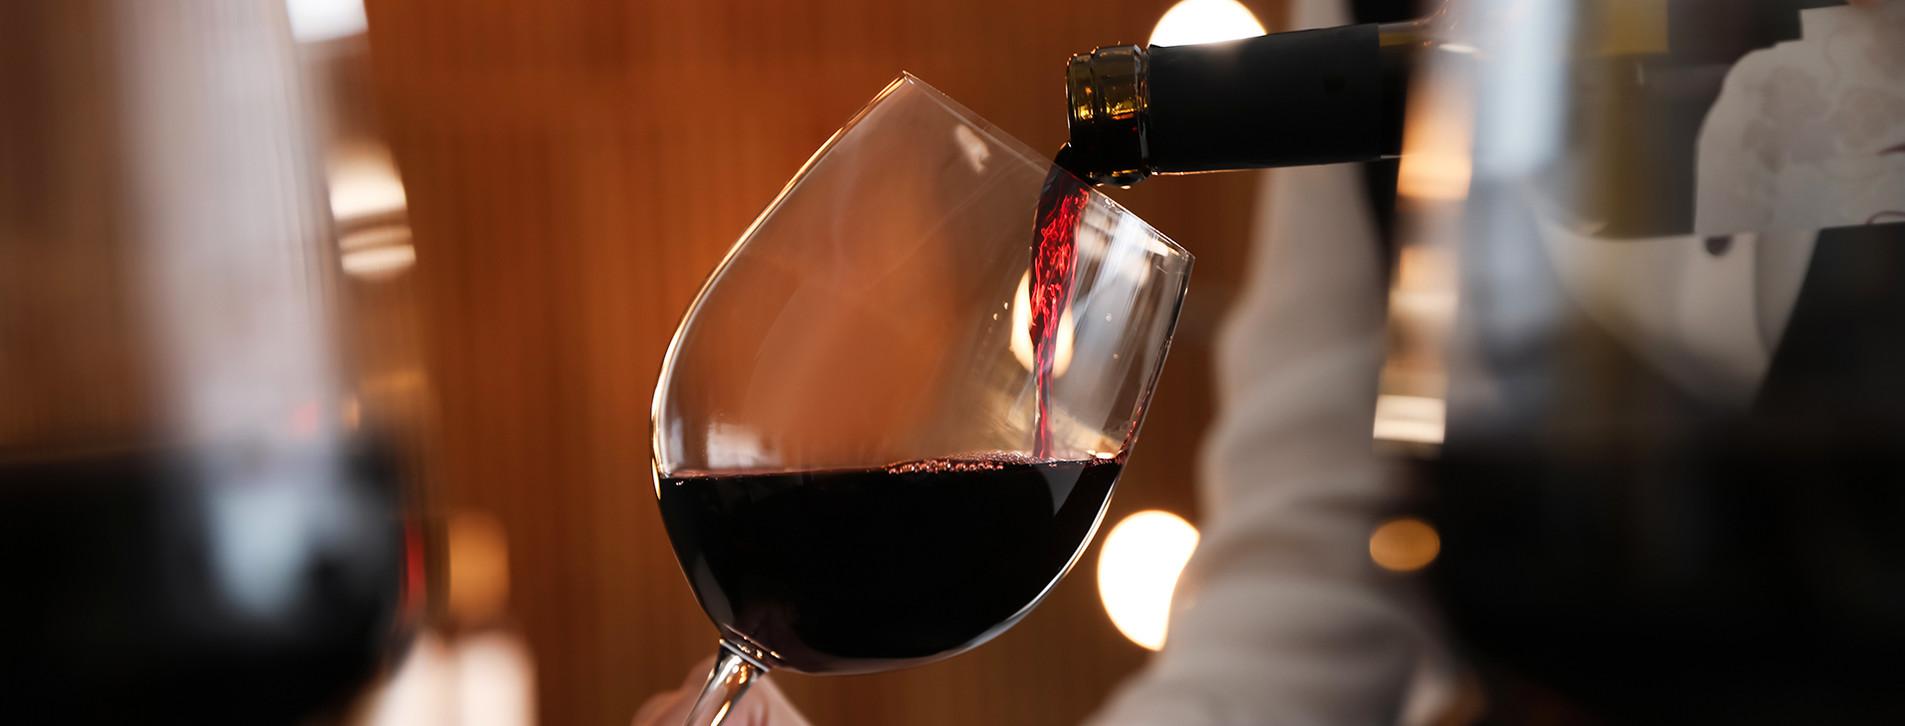 Фото 1 - Дегустация вин для компании